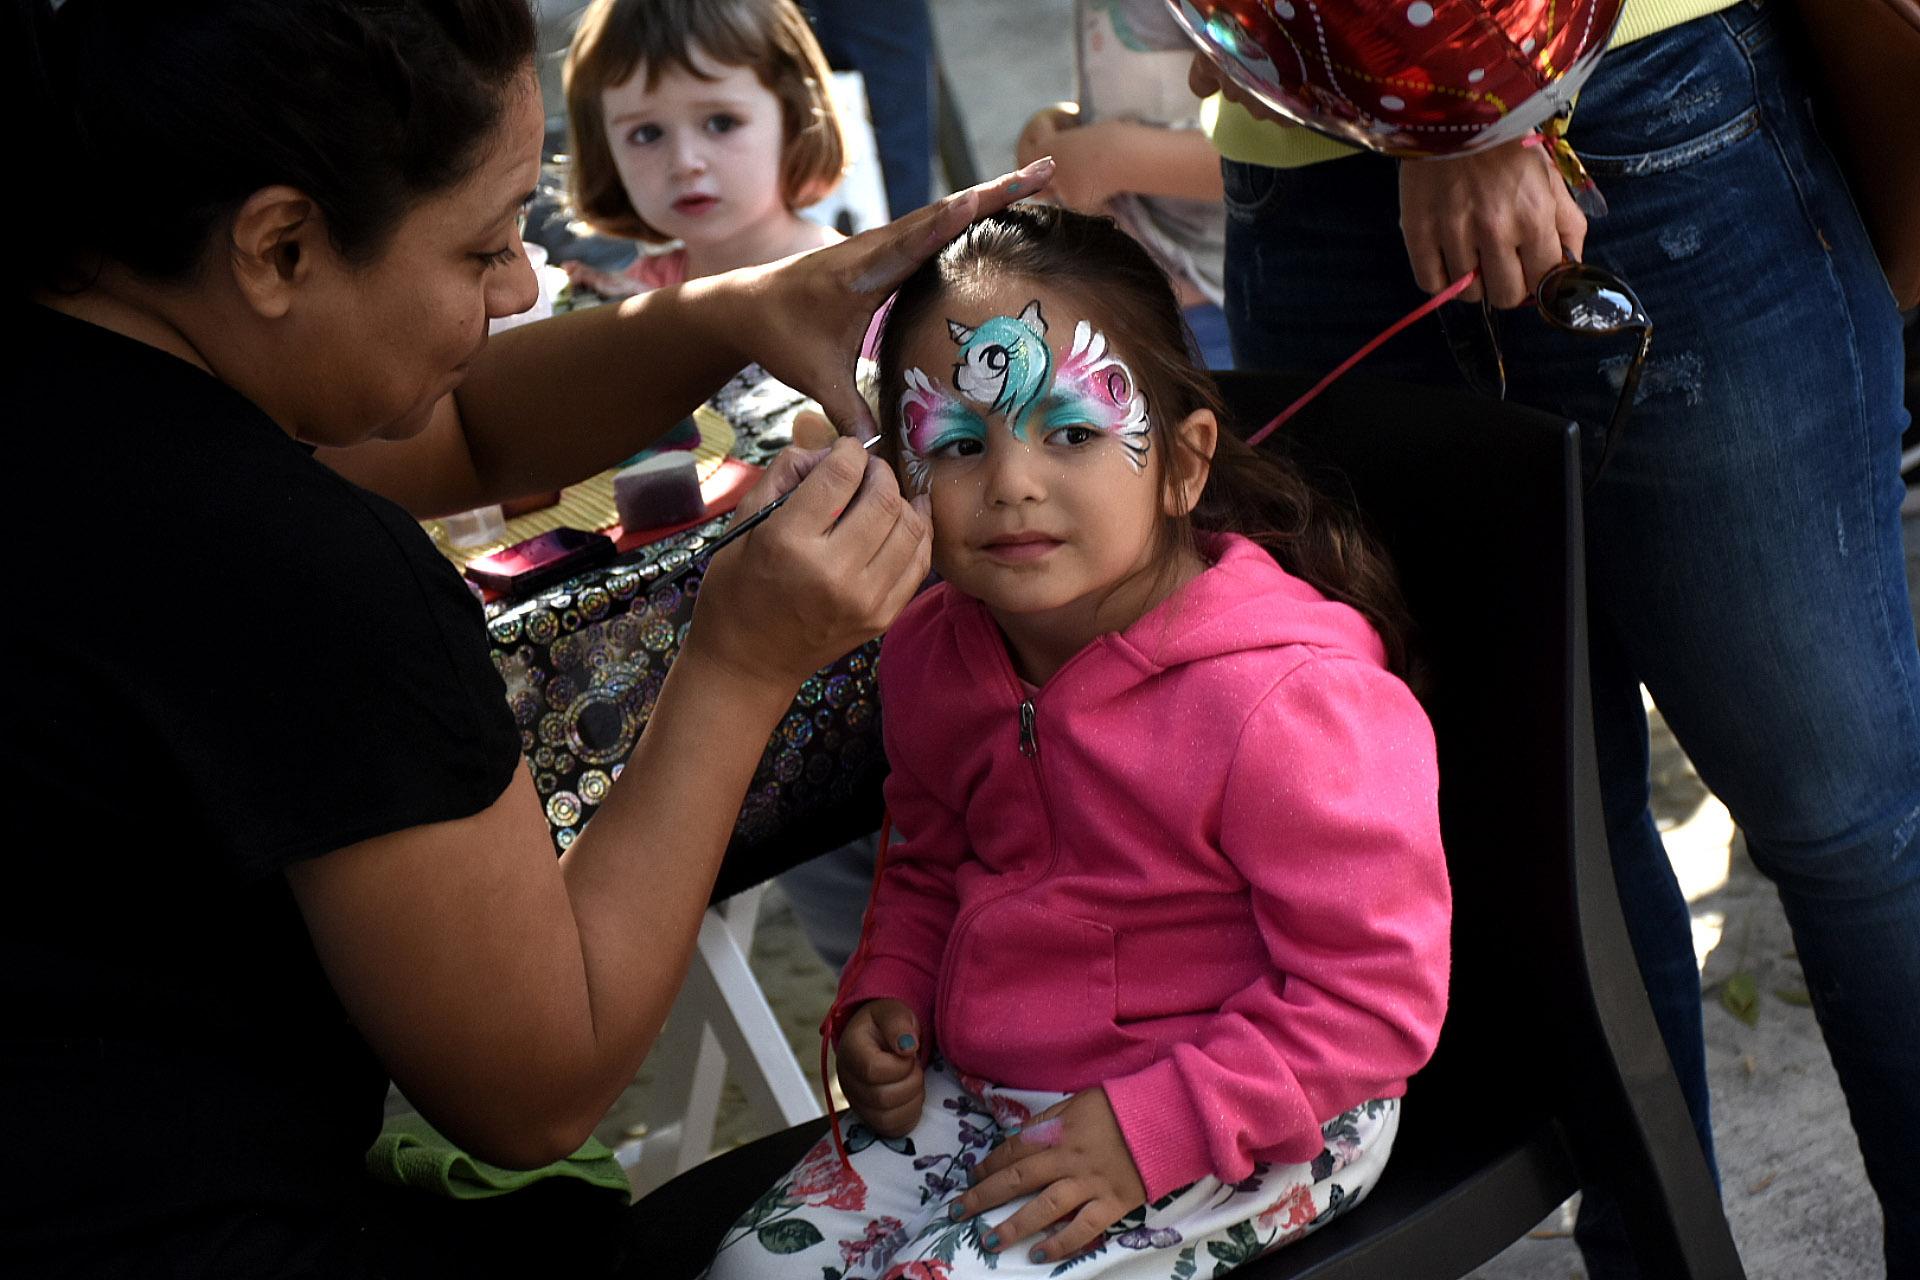 Para las más coquetas, este año la feria Leer y Comer contó con expertas en maquillaje para que los niños puedan pintarse el rostro con sus personajes favoritos. Unicornios, mariposas y pájaros fueron los diseños más solicitados